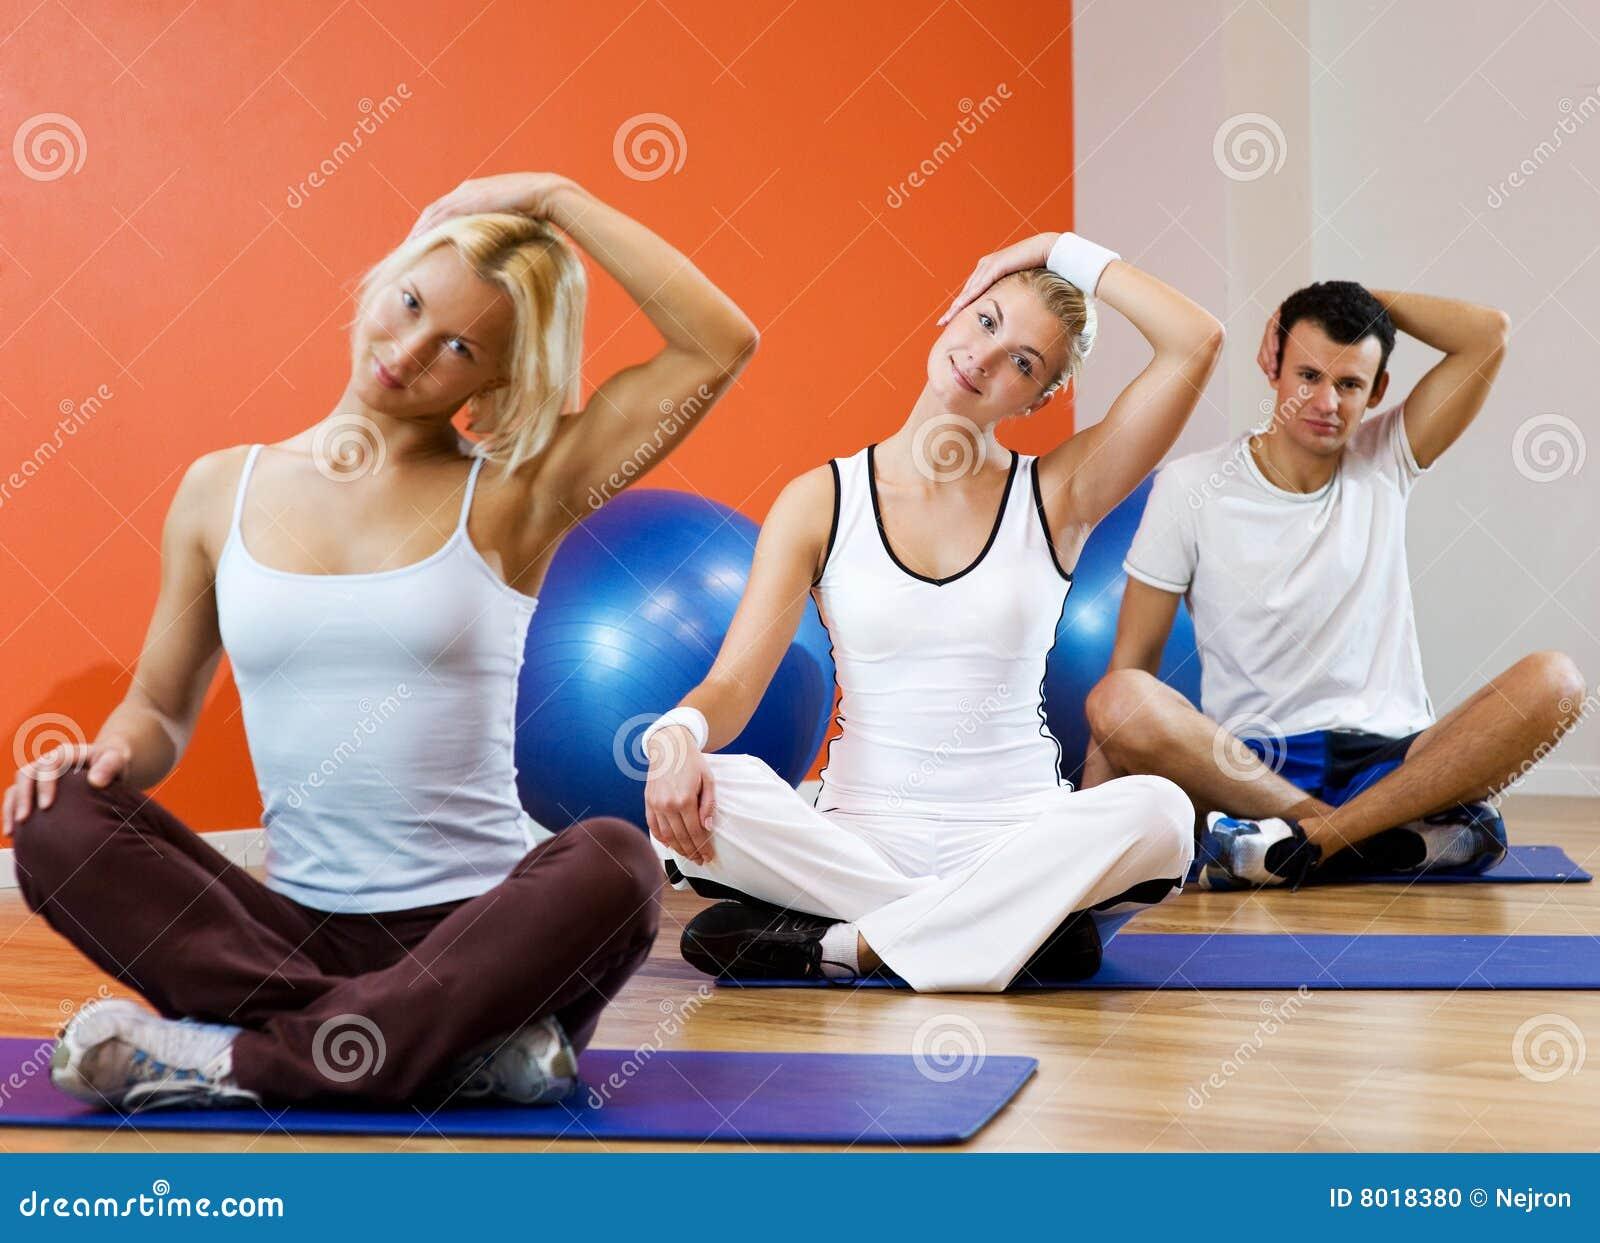 Йога для похудения торренттрекер